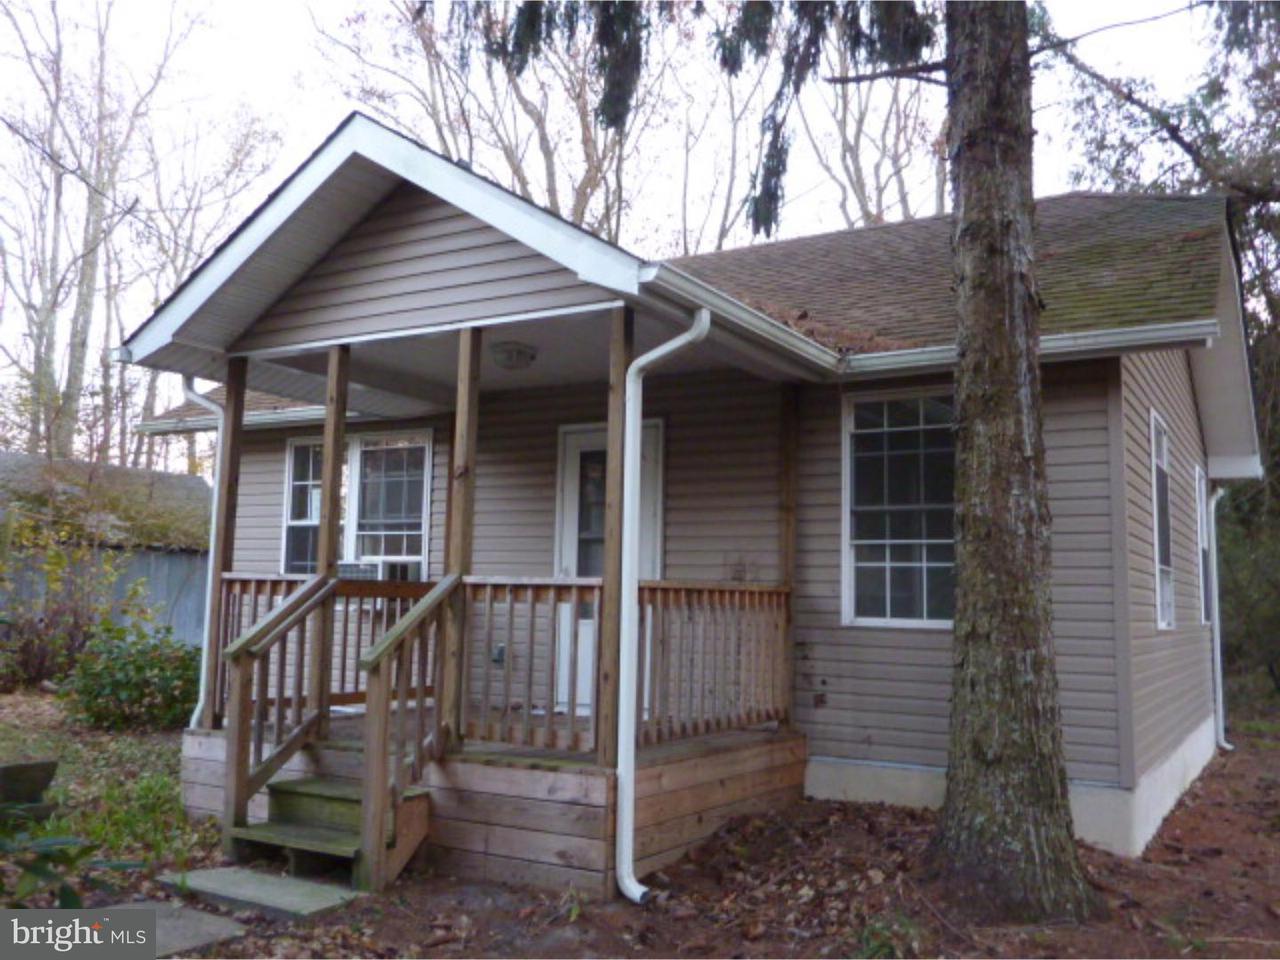 Частный односемейный дом для того Продажа на 446 MAIN Street Newport, Нью-Джерси 08345 Соединенные Штаты